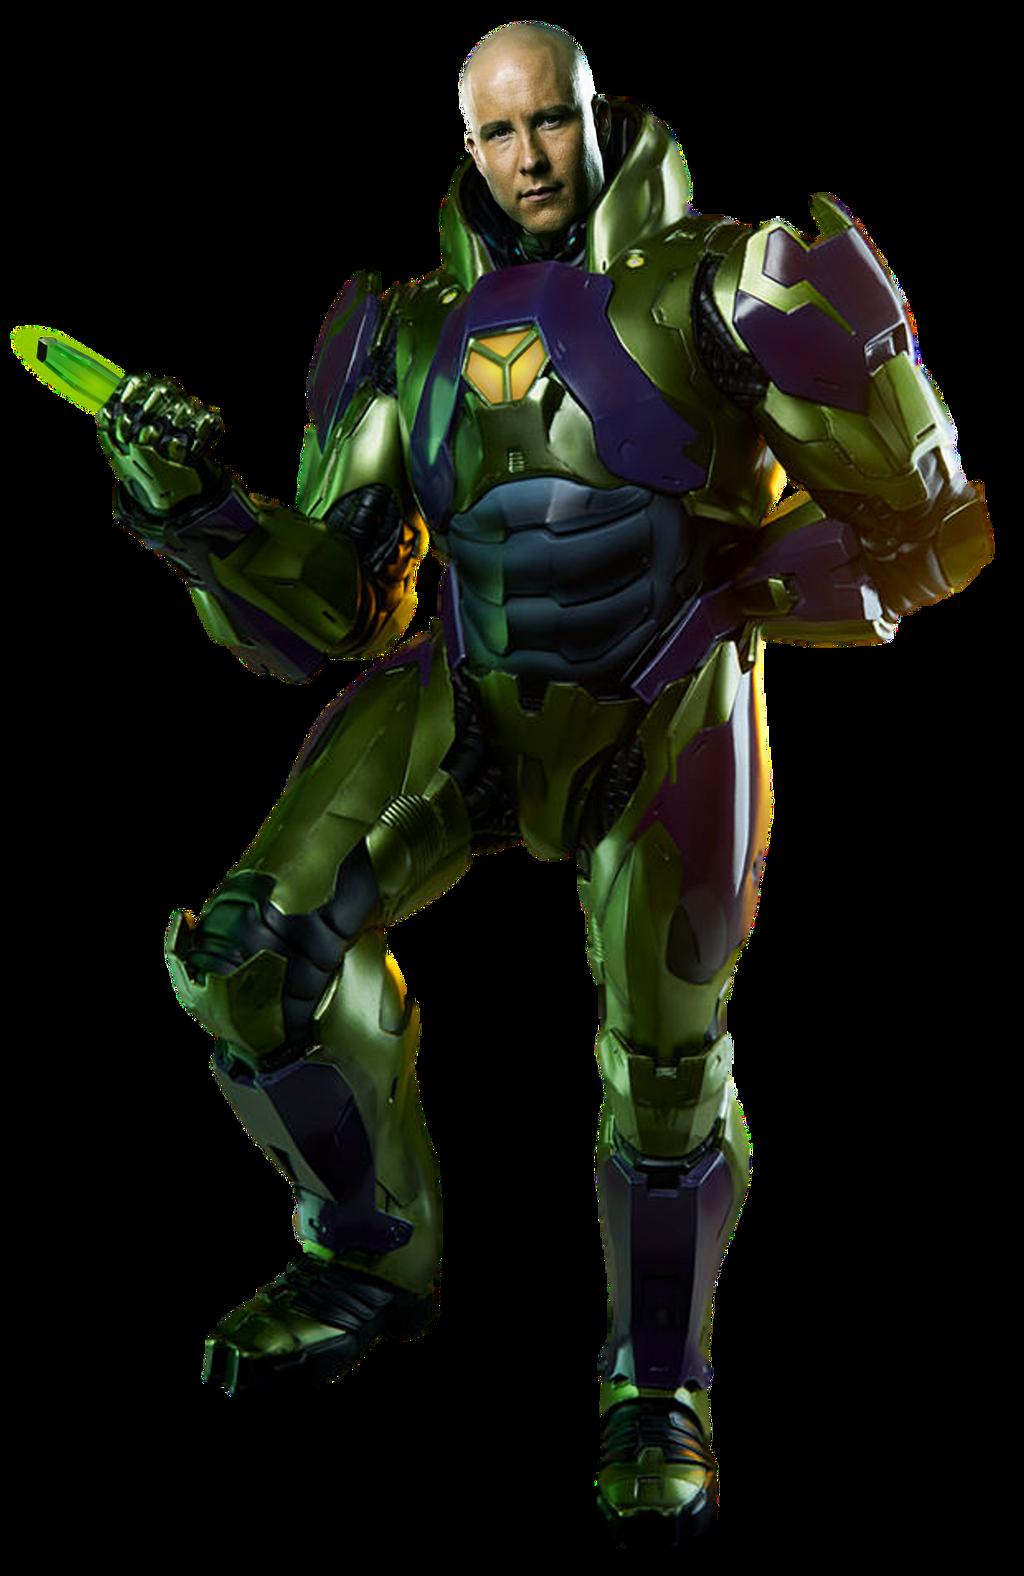 Lex Luthor Power Suit Transparent By Camo Flauge On Deviantart Lex Luthor Lex Luthor Superman Superhero Pictures